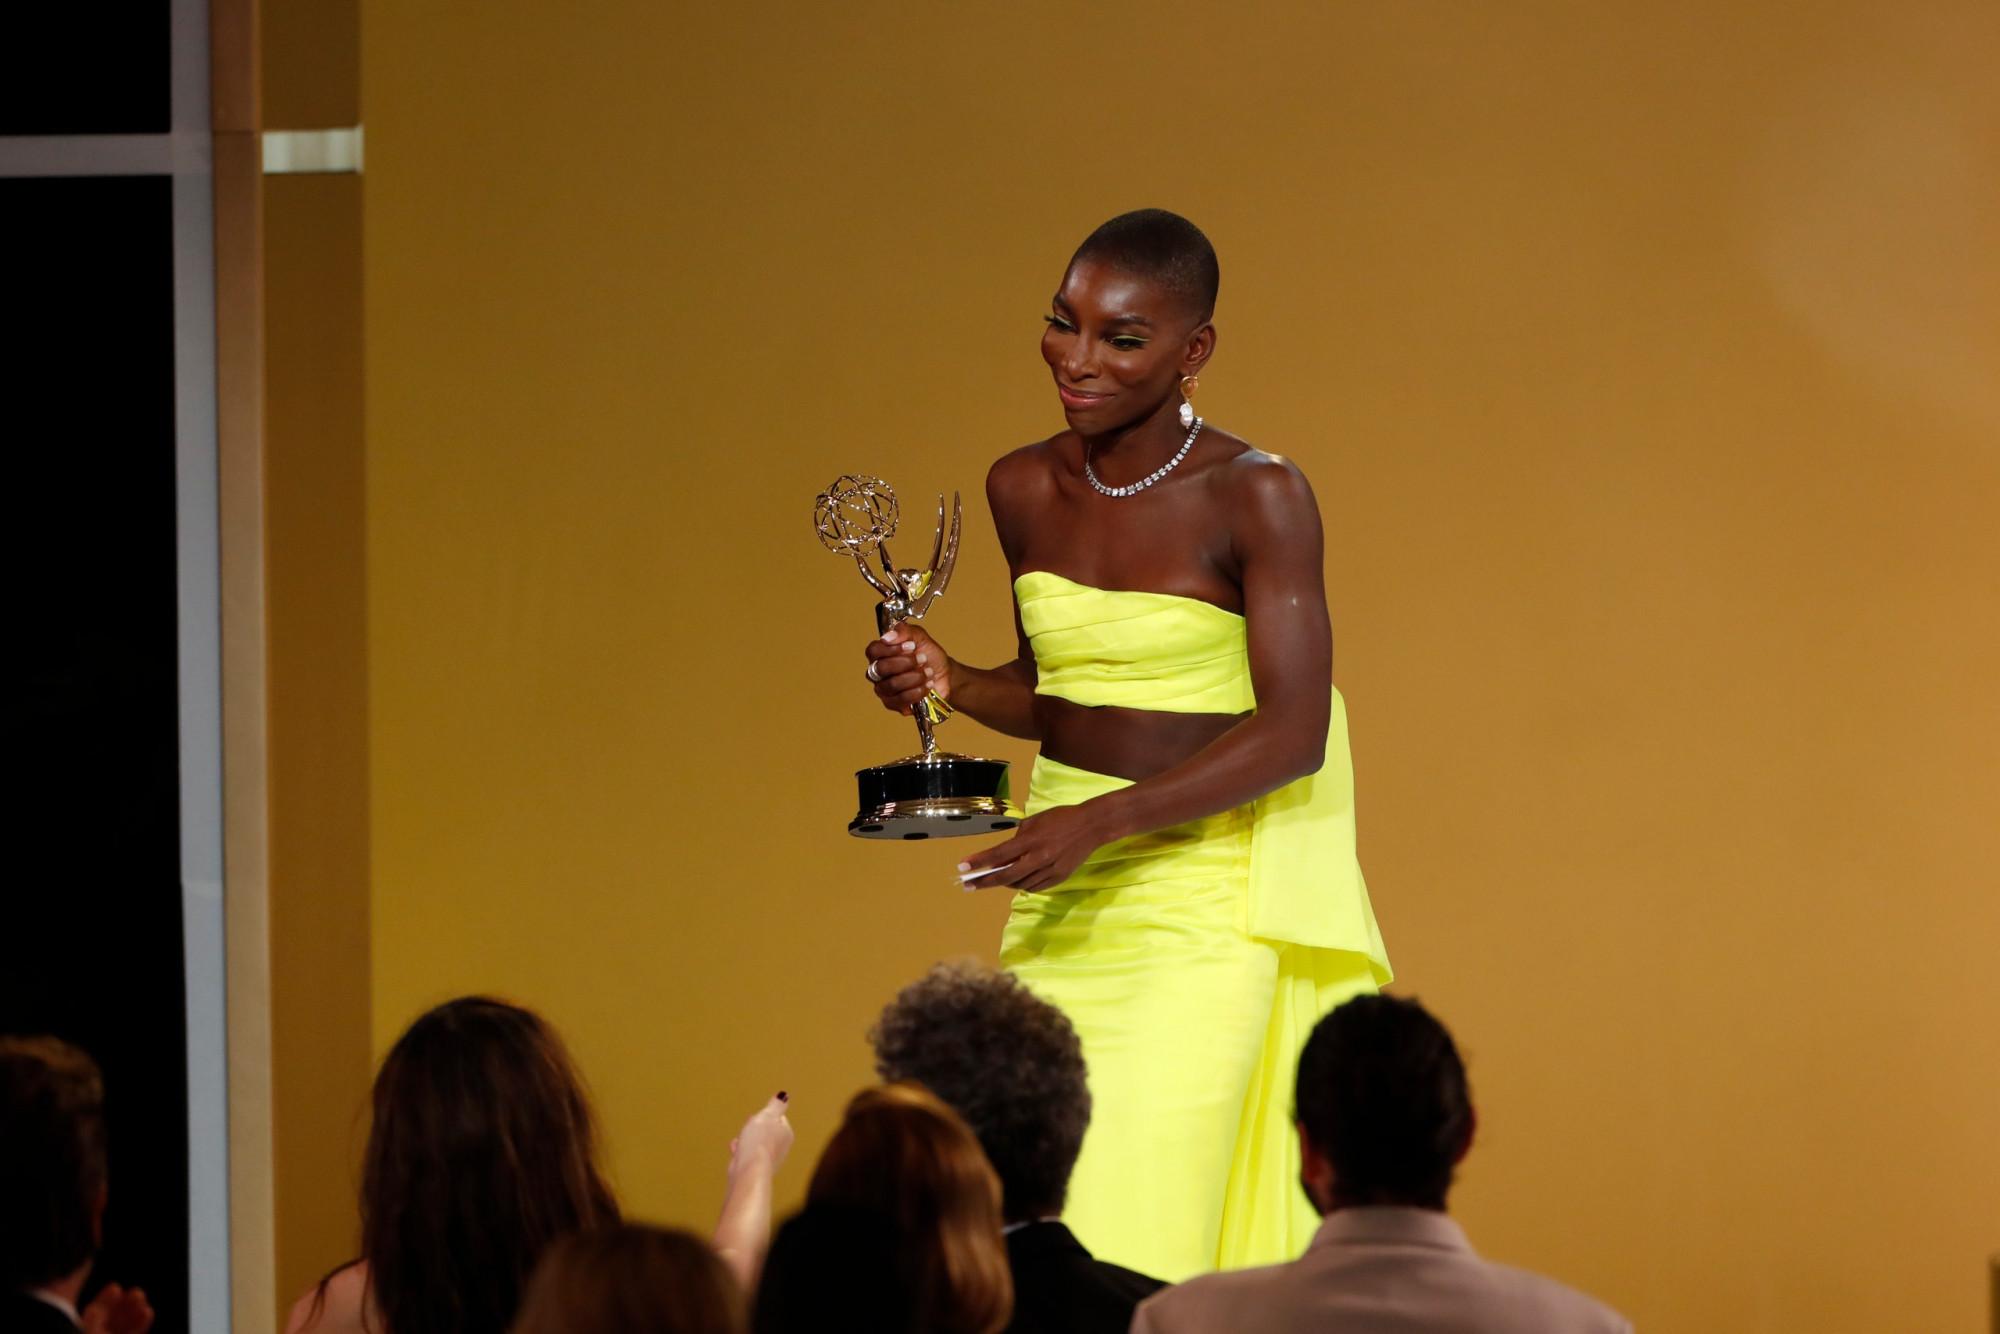 Michaela Coel, nghệ sĩ da màu nhận giải biên kịch cho series ngắn.